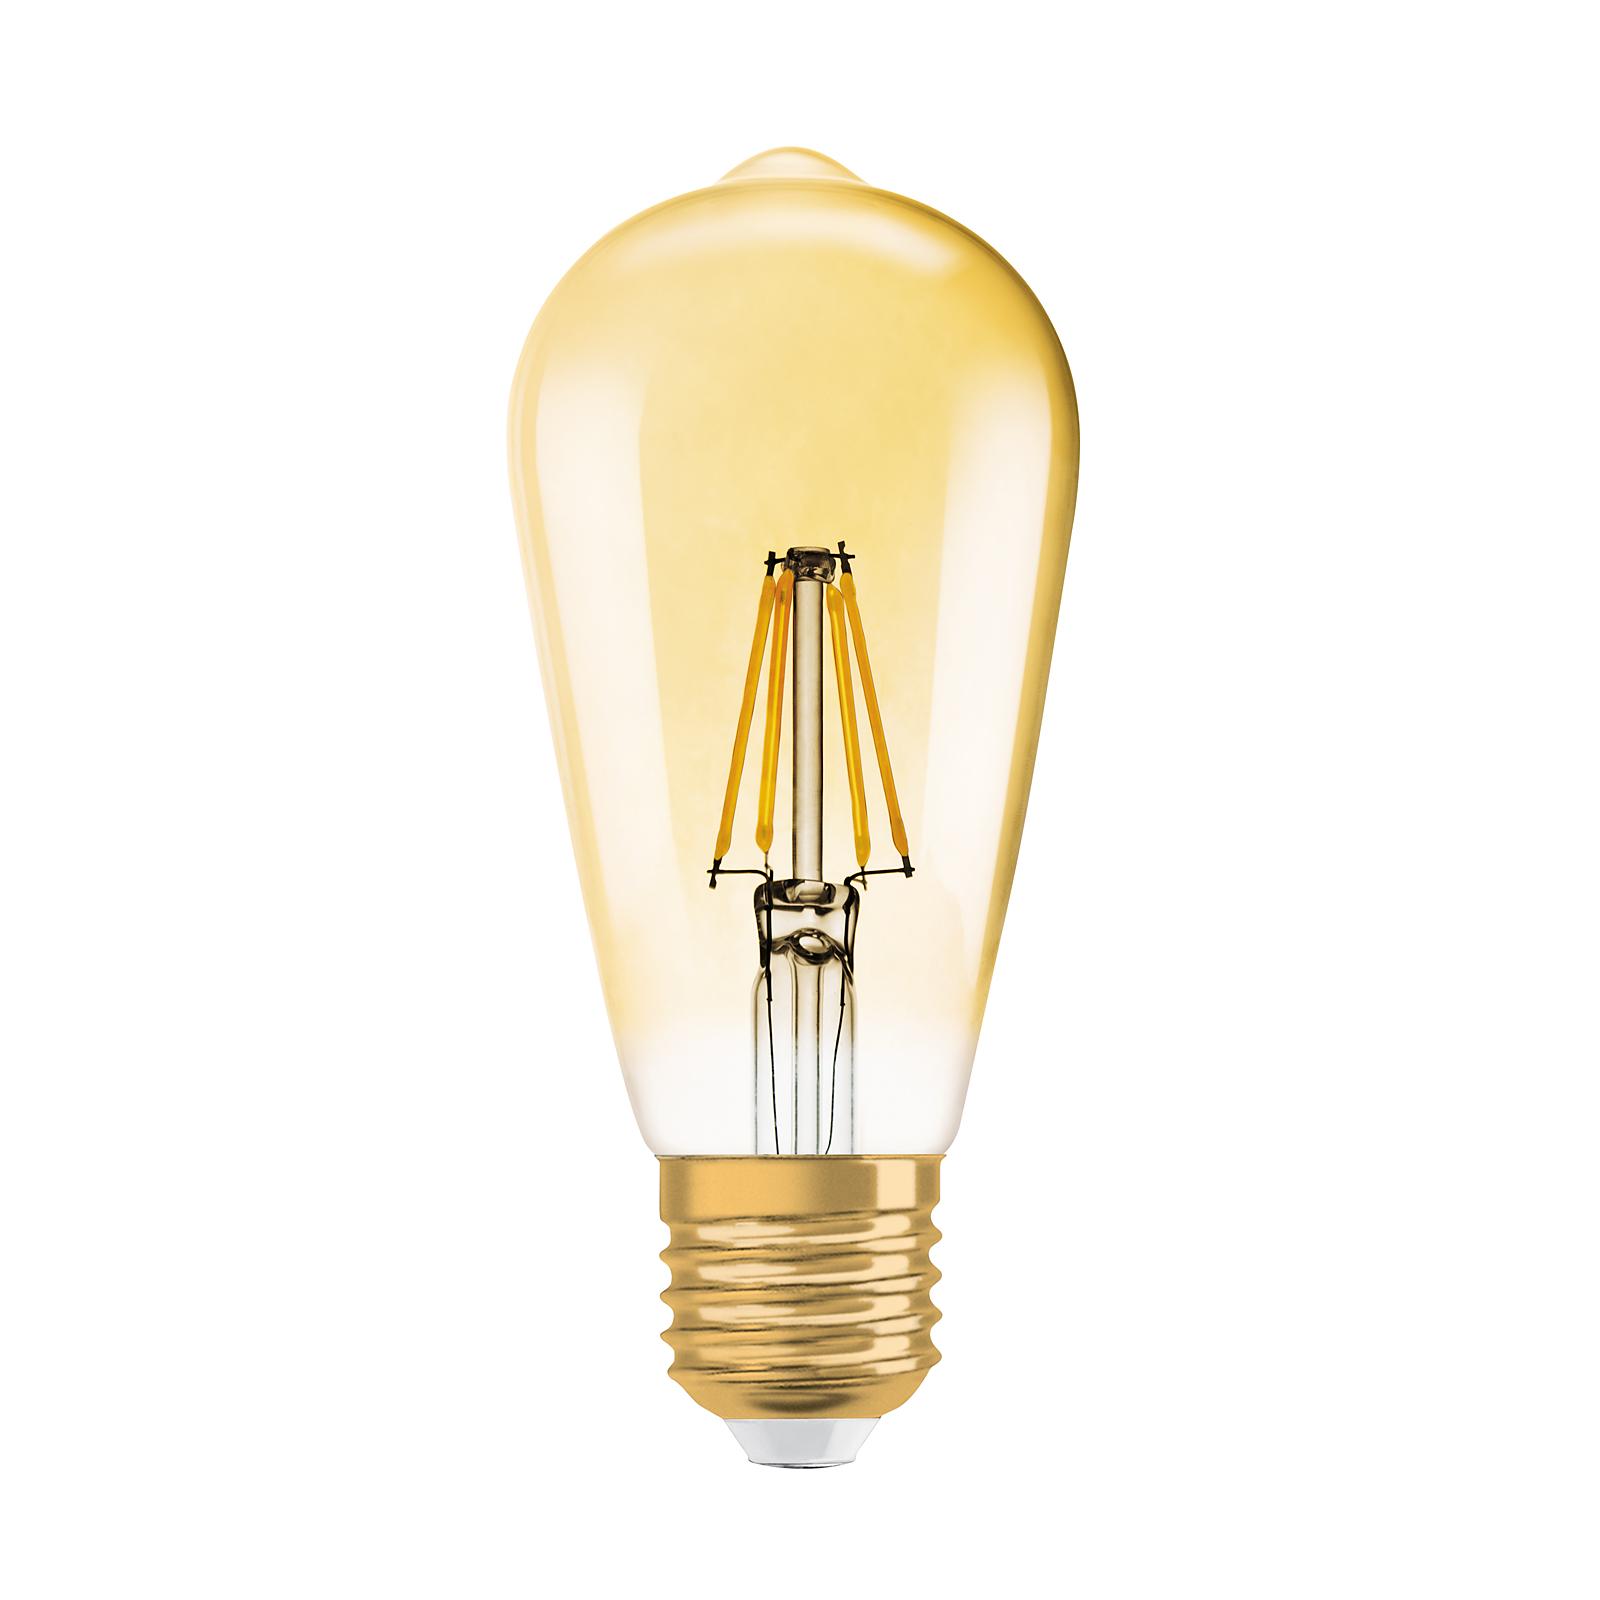 10954-OSRAM-LED-Vintage-1906-ST35-E27-Edison-65W-wie-51-Watt-650-lm-2400-K-dimmable-1 Wunderschöne Led Lampen 100 Watt Dekorationen